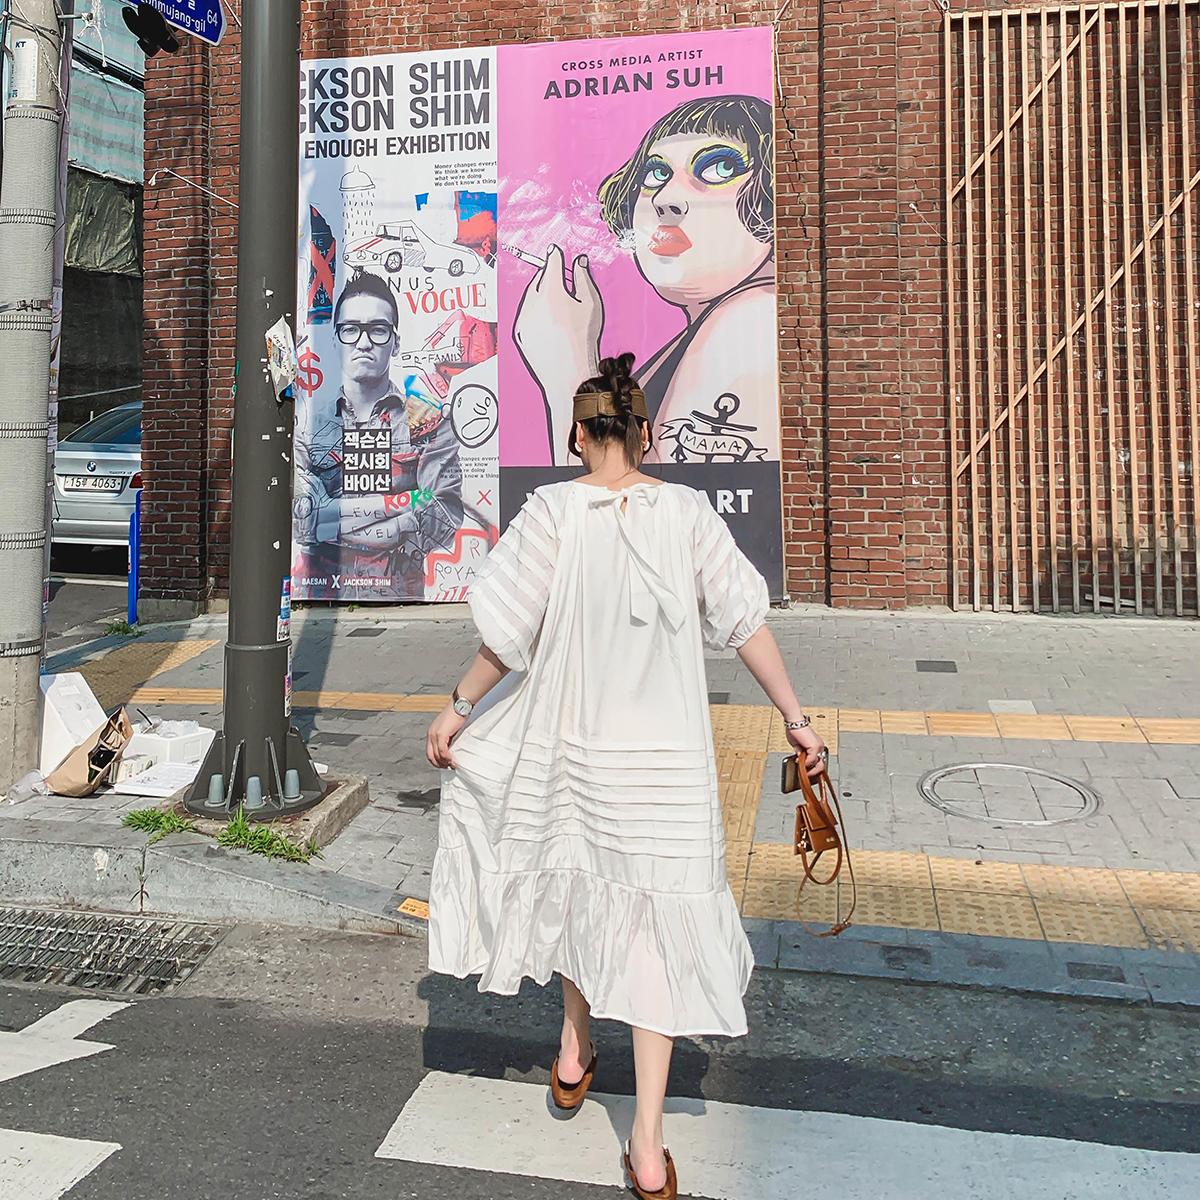 晶咕家裙子女2019新款夏季流行连衣裙中长款韩版宽松显瘦女装长裙